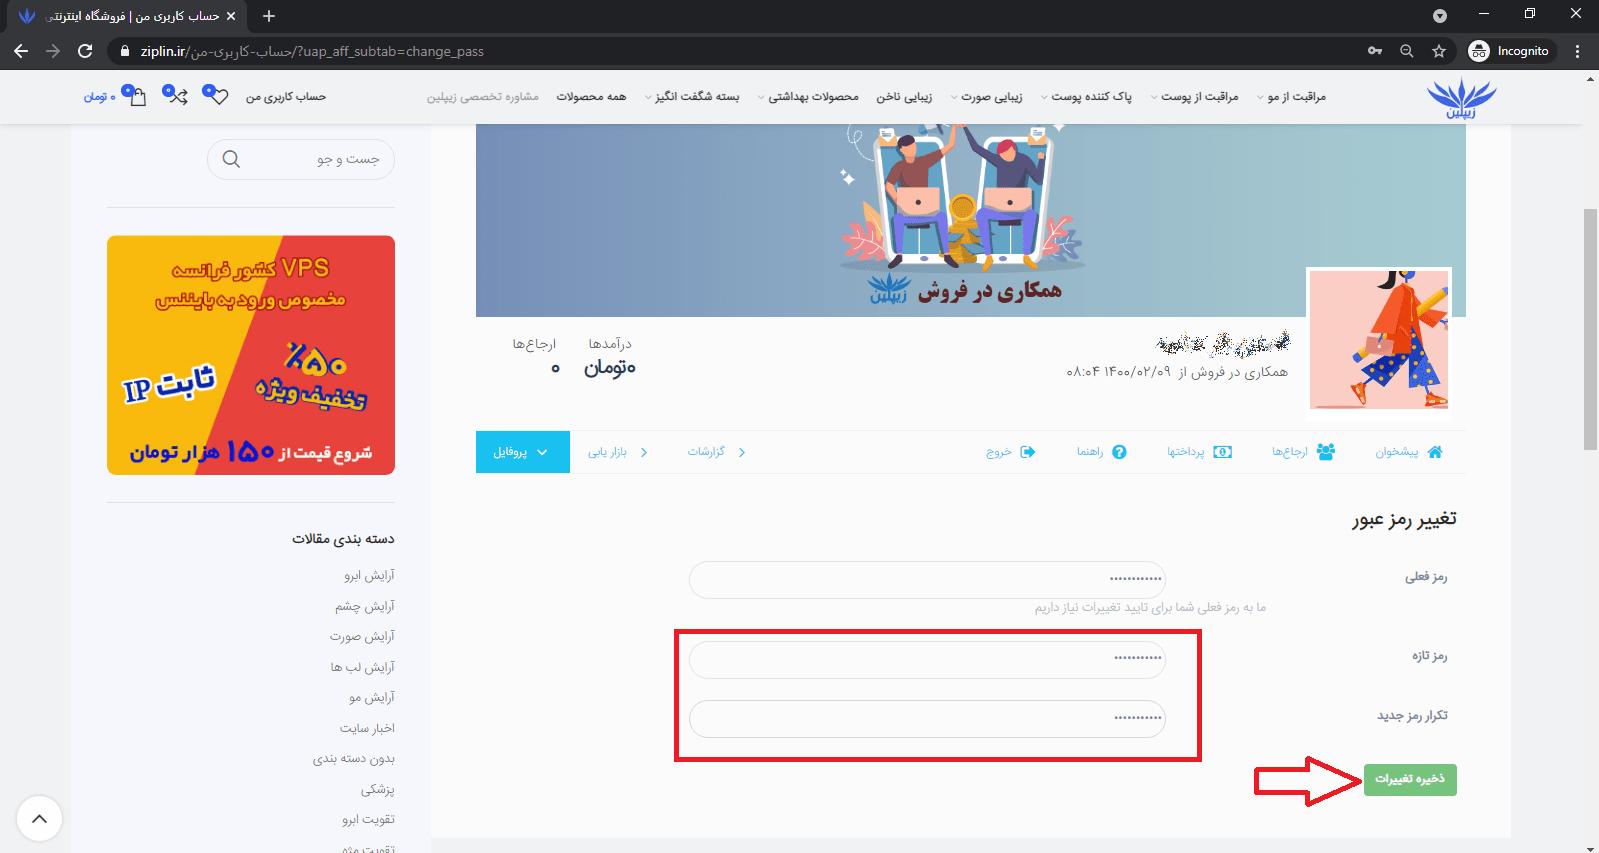 اطلاعات رمز عبور حساب کاربری فروشگاه زیپلین